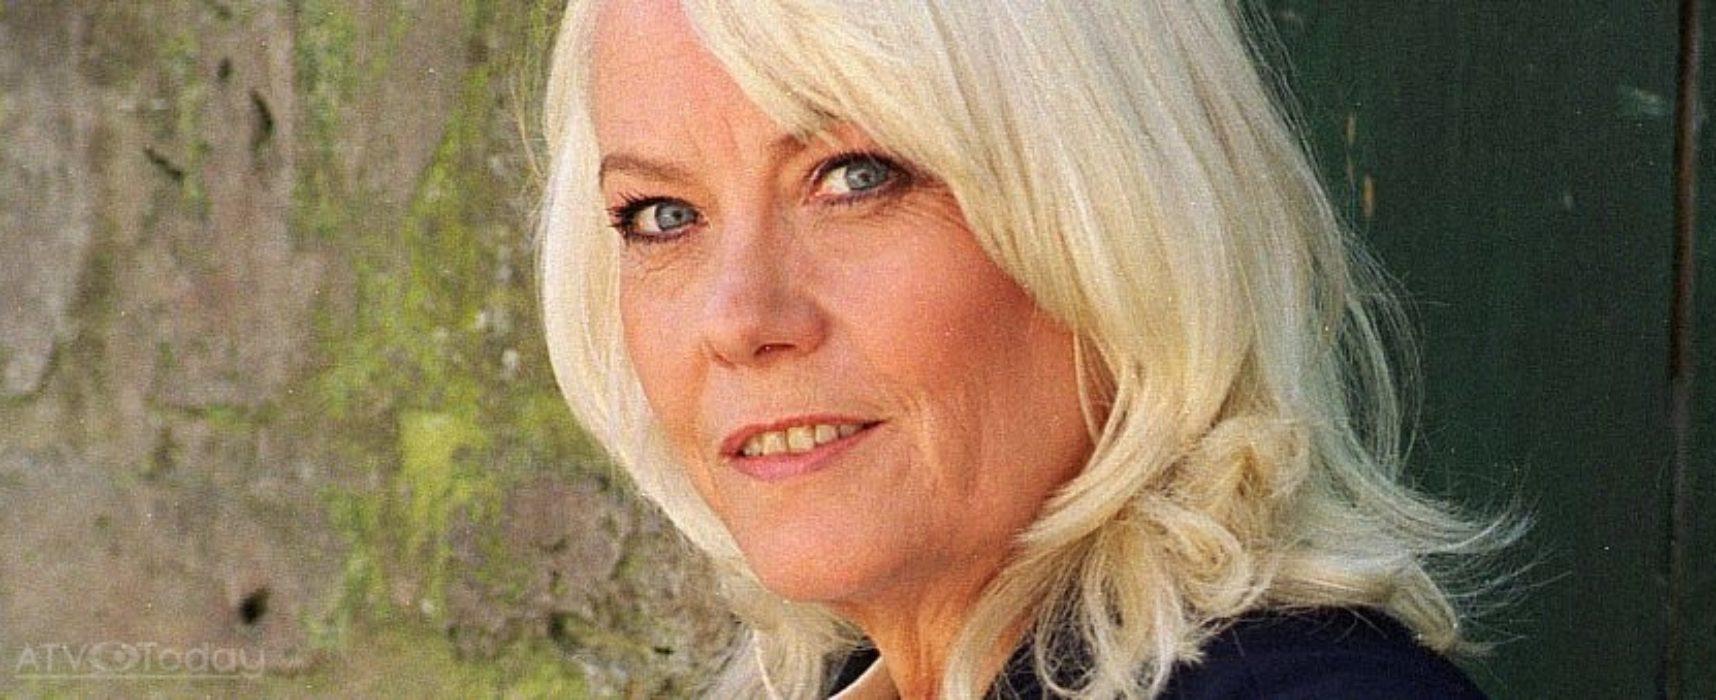 Wendy Richard dies aged 65